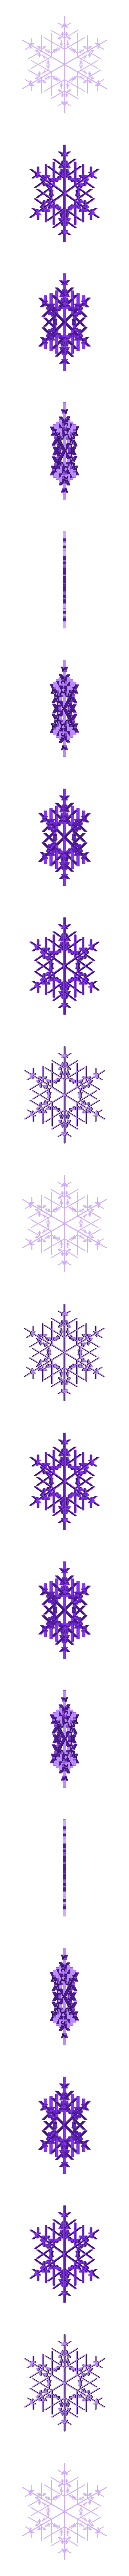 snowflake11.stl Télécharger fichier STL gratuit Flocon de neige fractal aléatoire dans les blocsCAD • Modèle pour imprimante 3D, arpruss